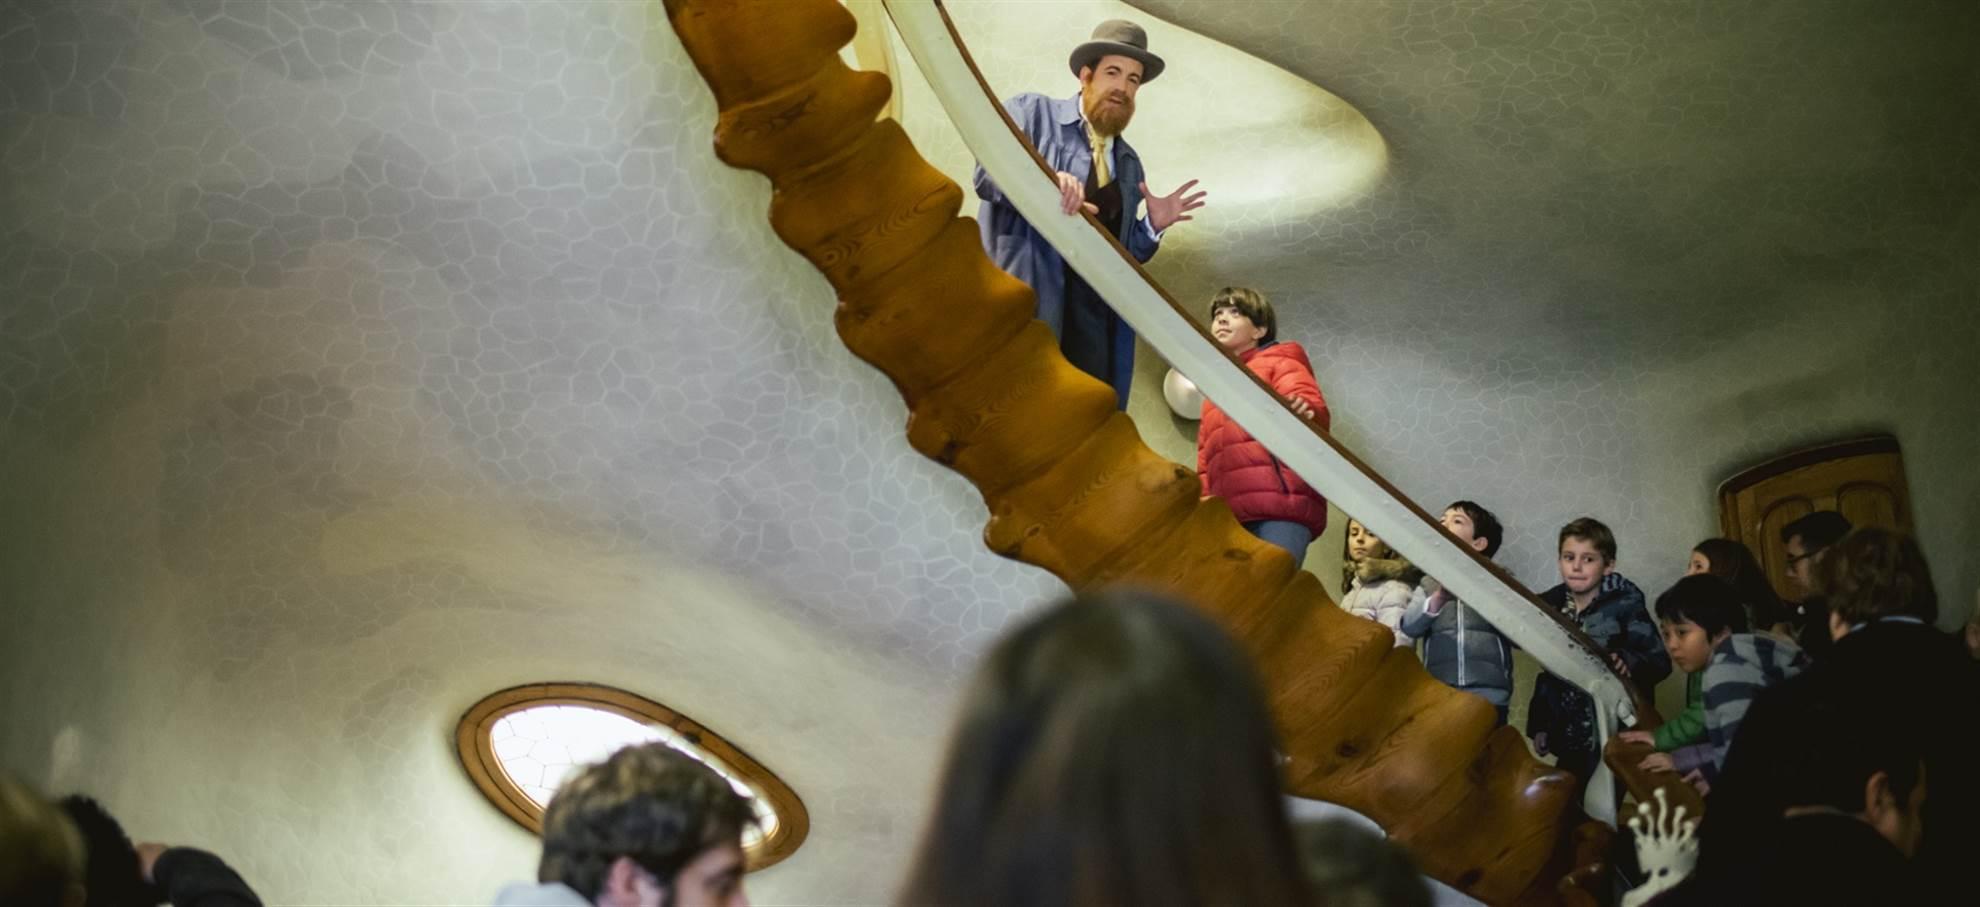 Casa Batllo - Theatrical visit